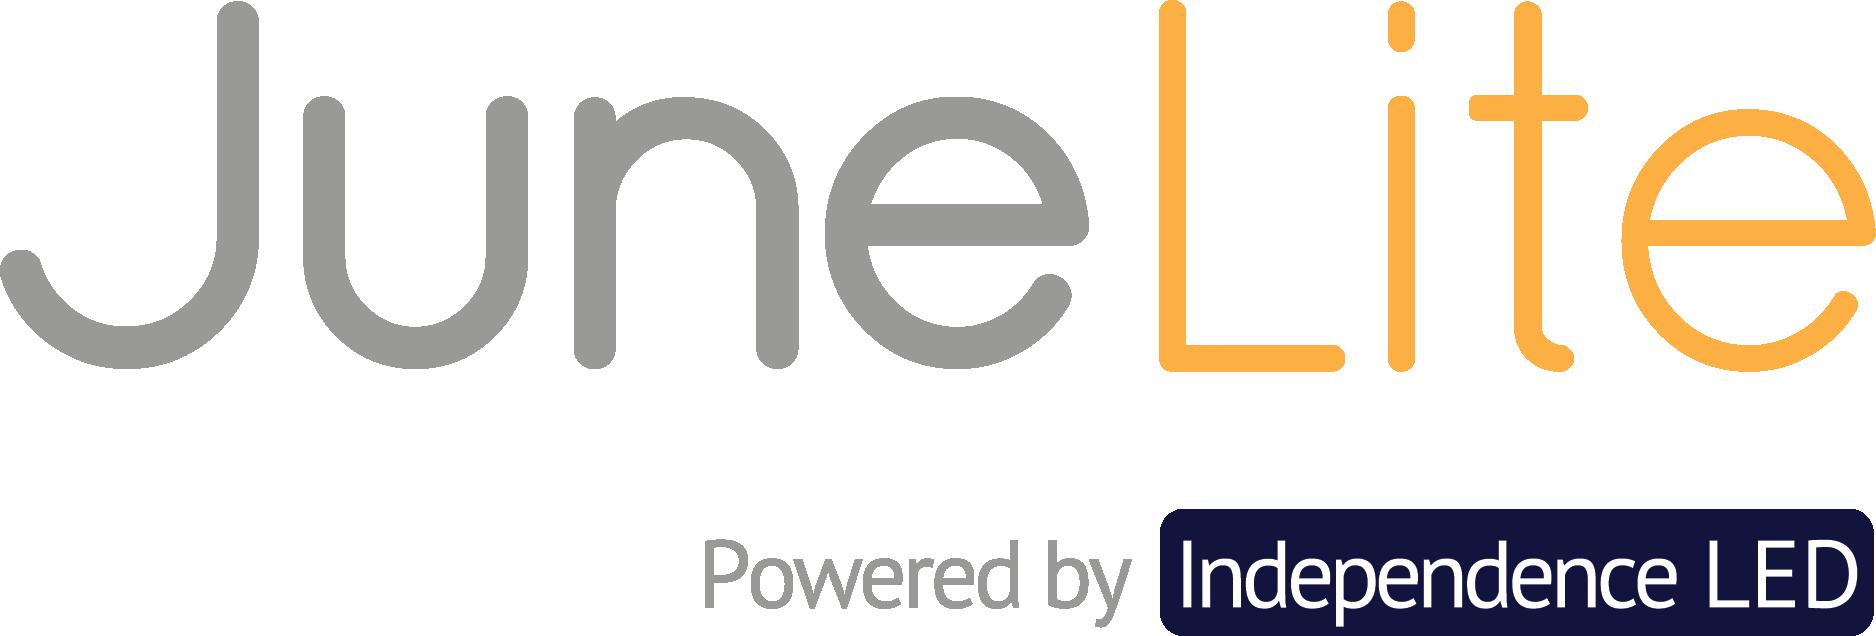 JL_Independemce LED_logo_2.png